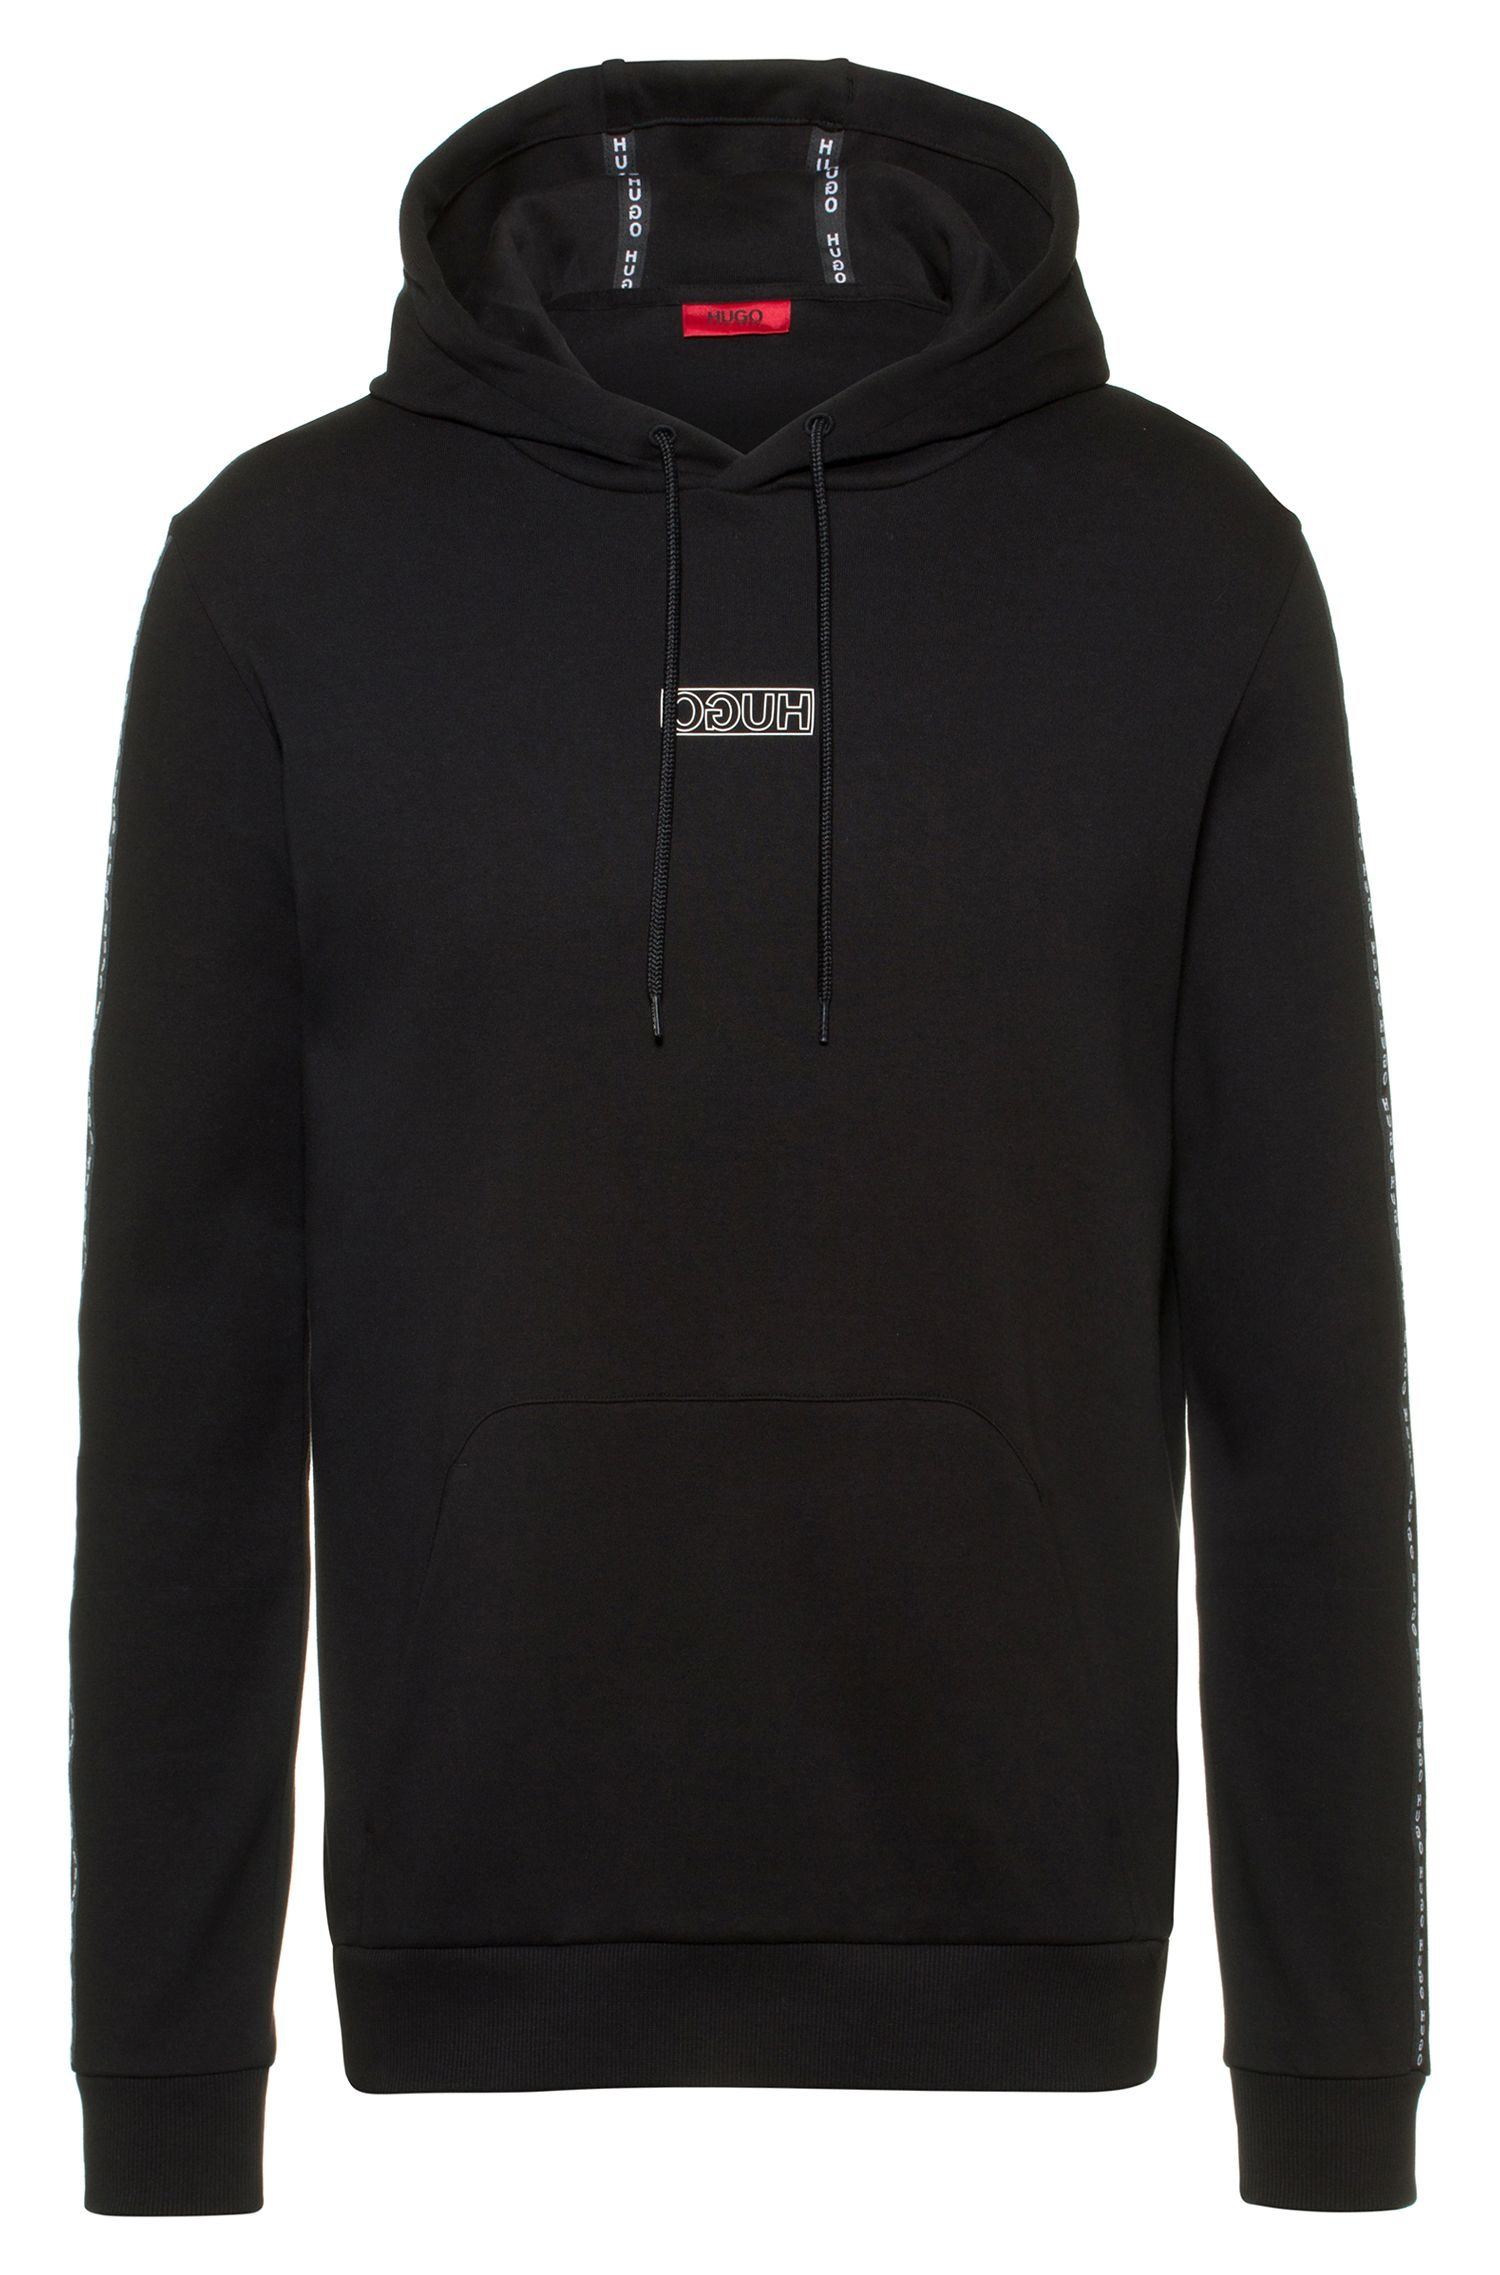 Sudadera con capucha en algodón interlock con cinta con el logo en las mangas, Negro